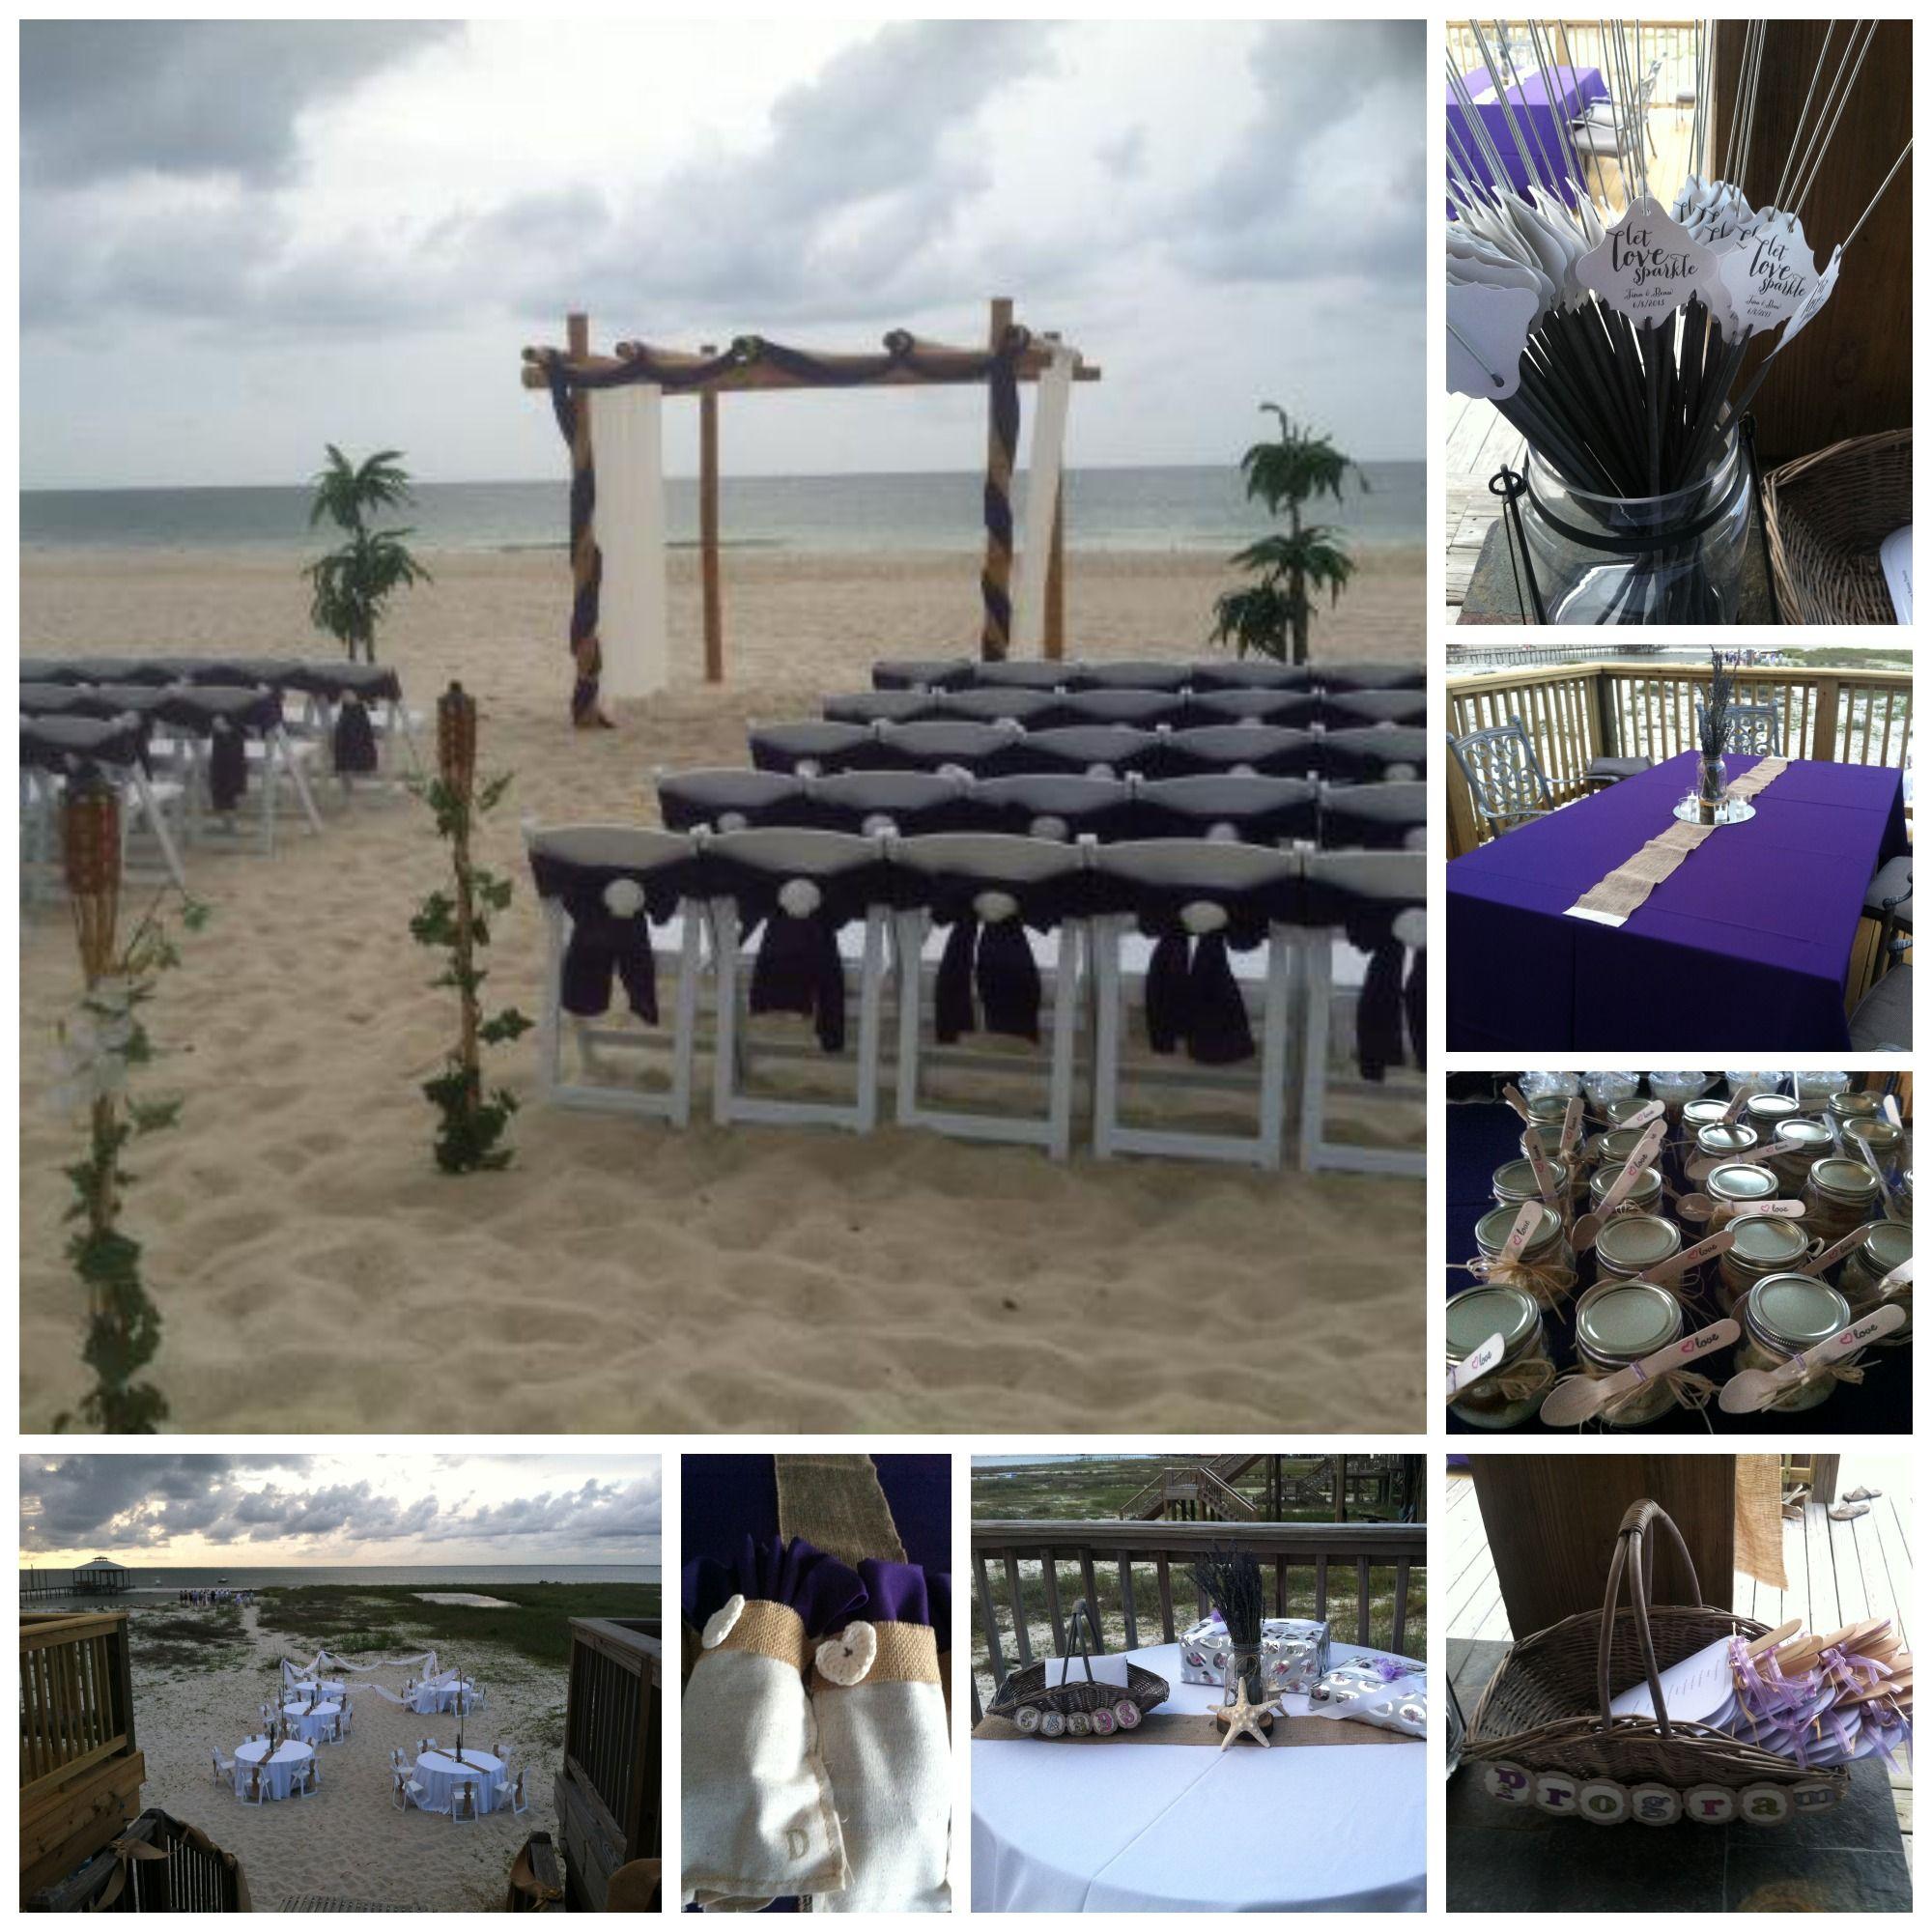 beach wedding south west uk%0A Our wedding on Dauphin Island  AL   Our beach wedding   Pinterest   Weddings   Beach weddings and Wedding